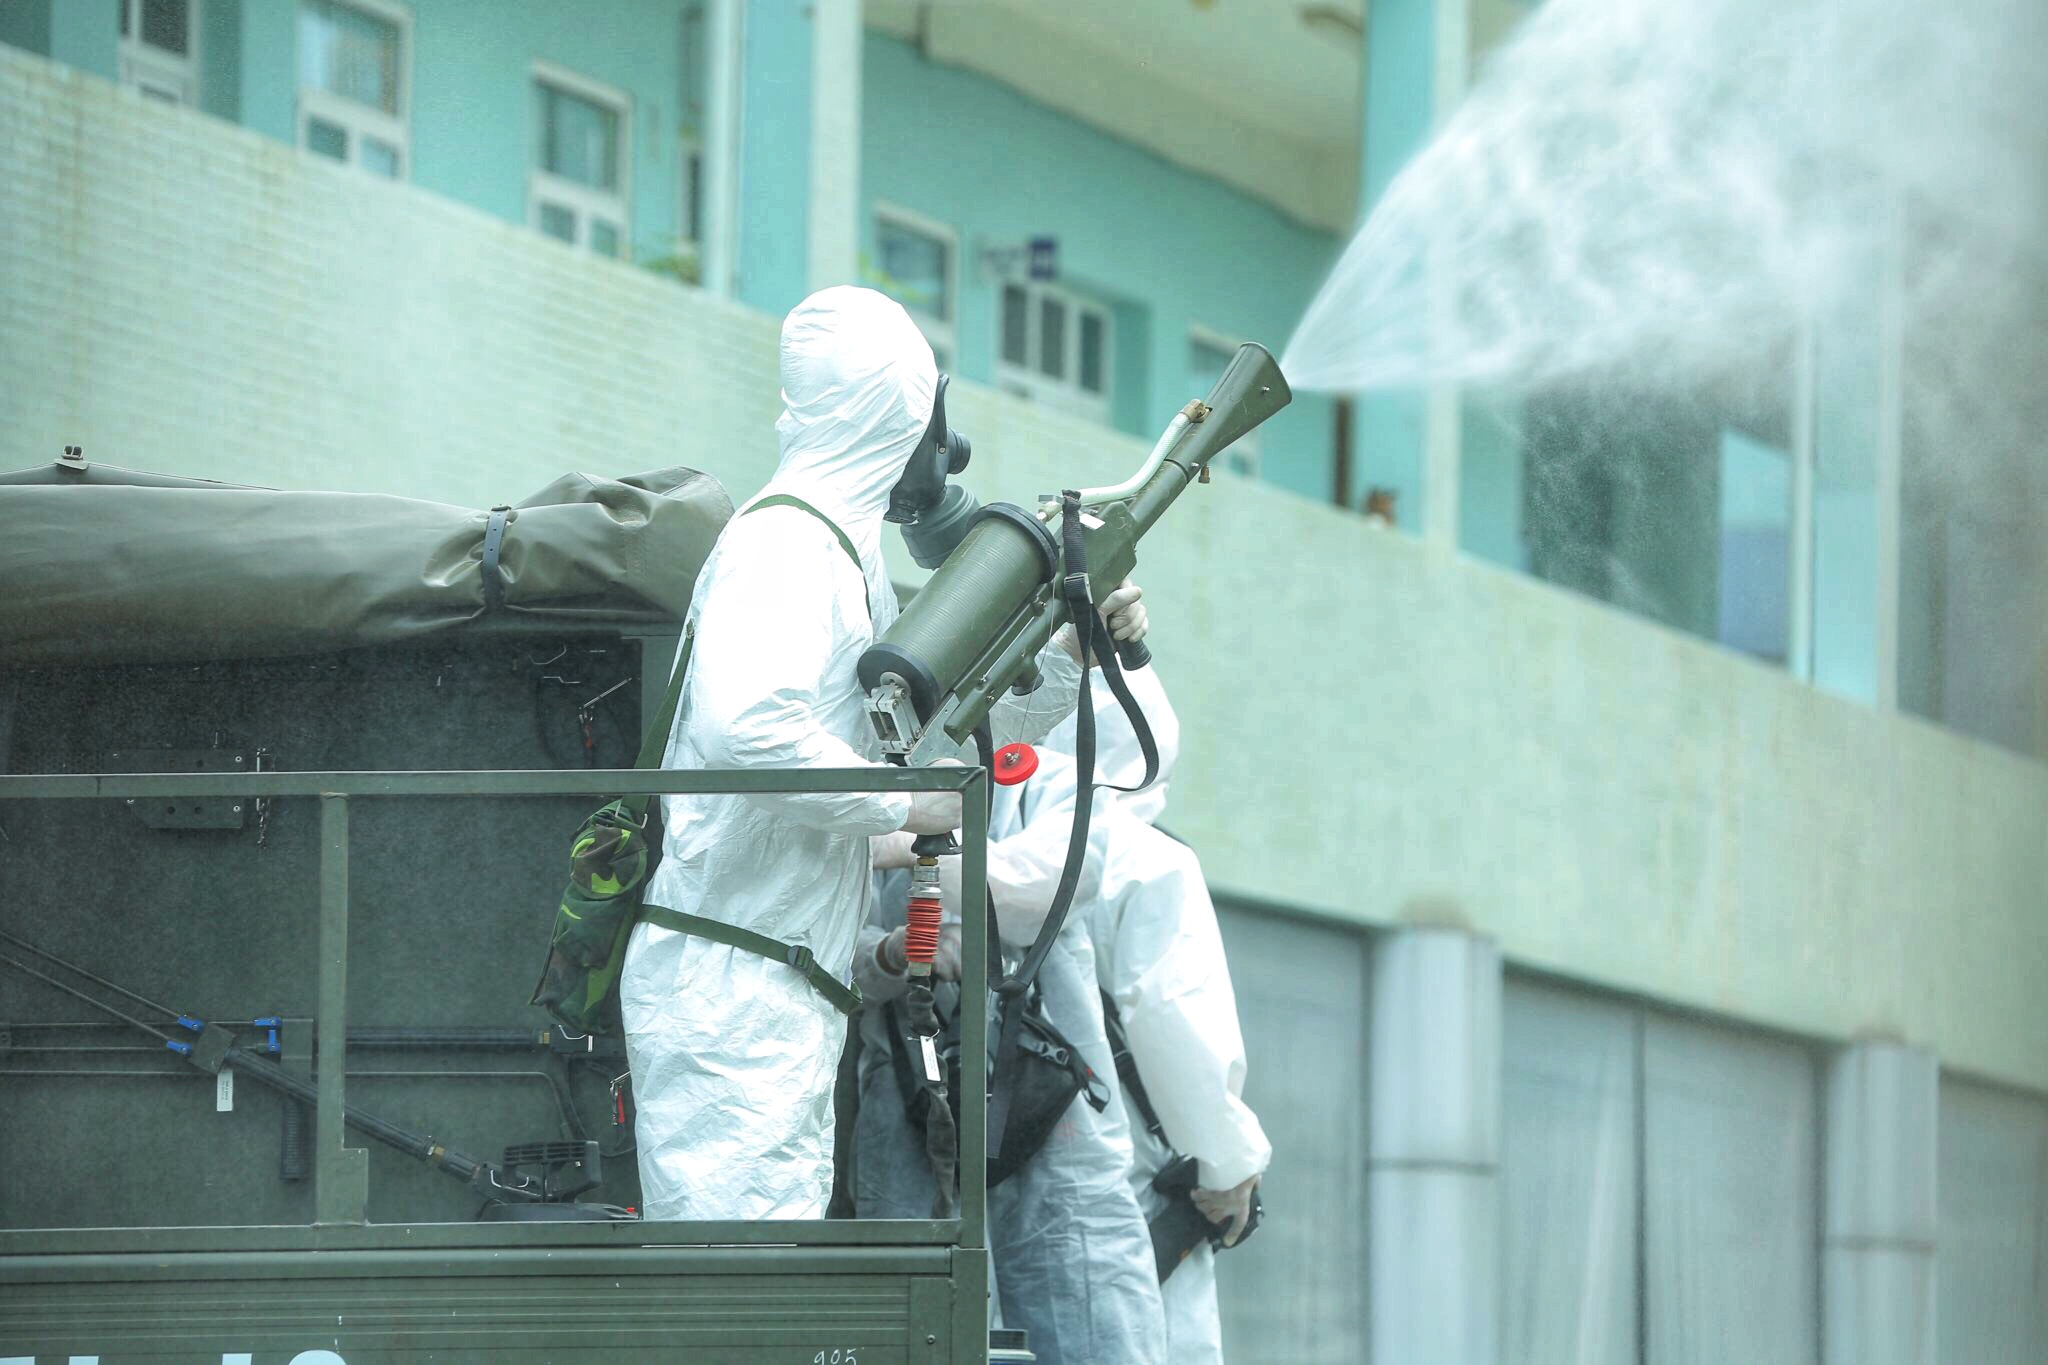 Hơn 16.000 người liên quan, Bệnh viện K đã có 11 ca dương tính SARS-CoV-2 - Ảnh 2.